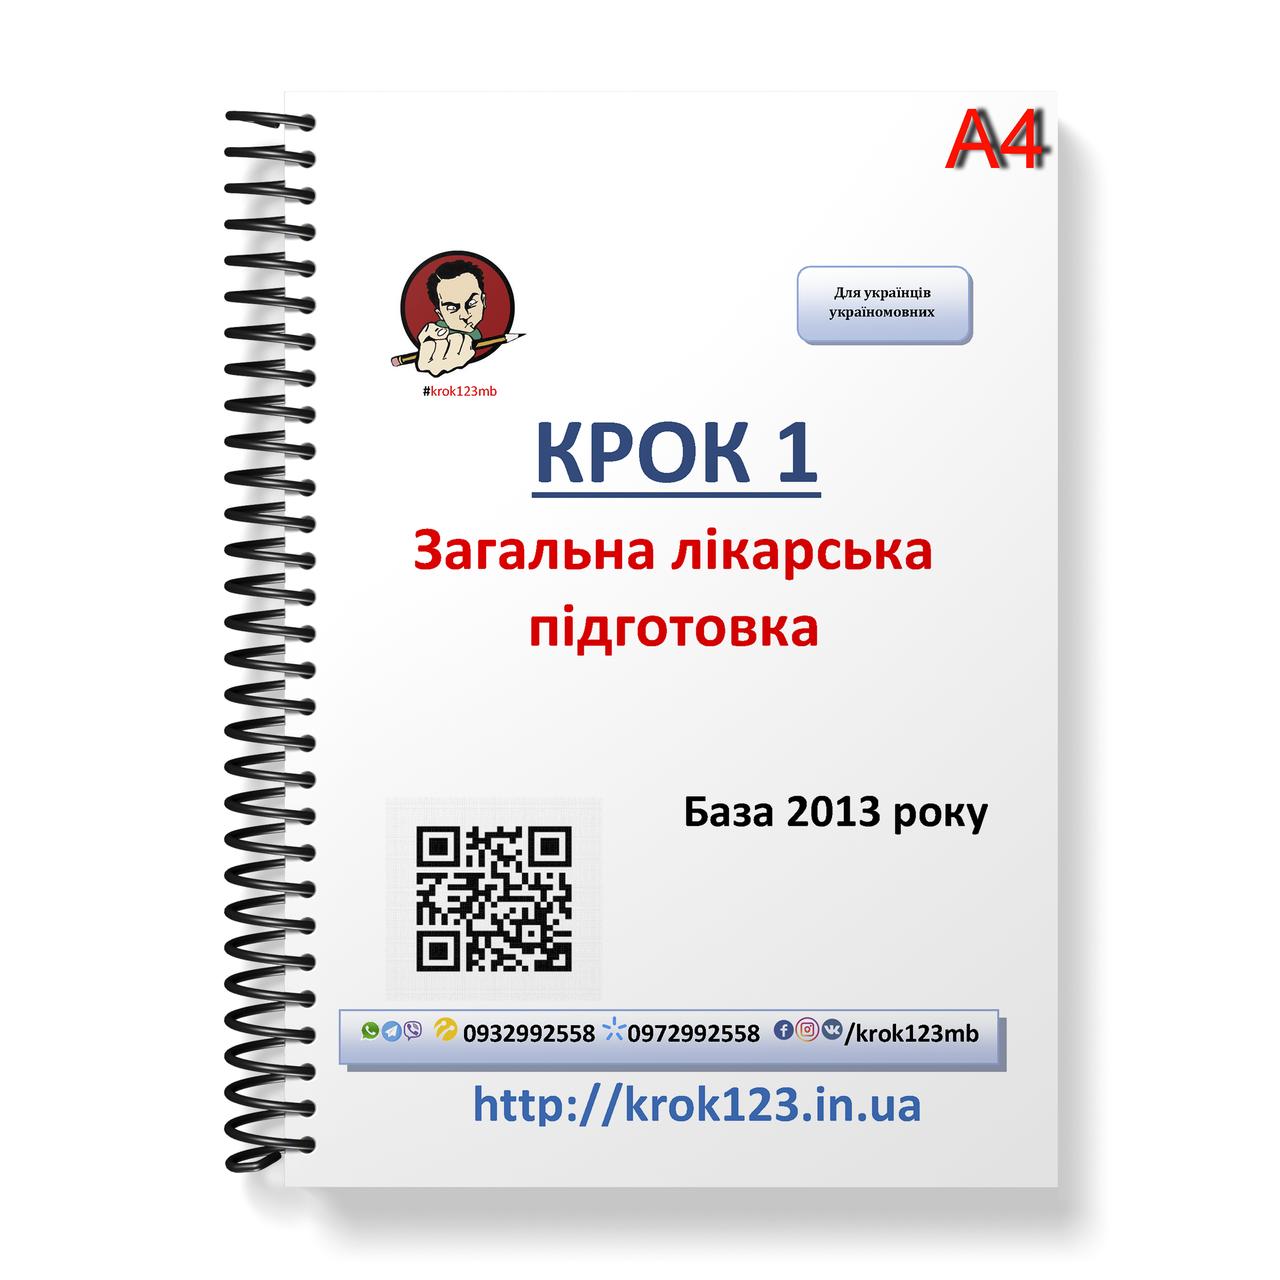 Крок 1. Общая врачебная подготовка. База 2013. Для украинцев украиноязычных. Формат А4